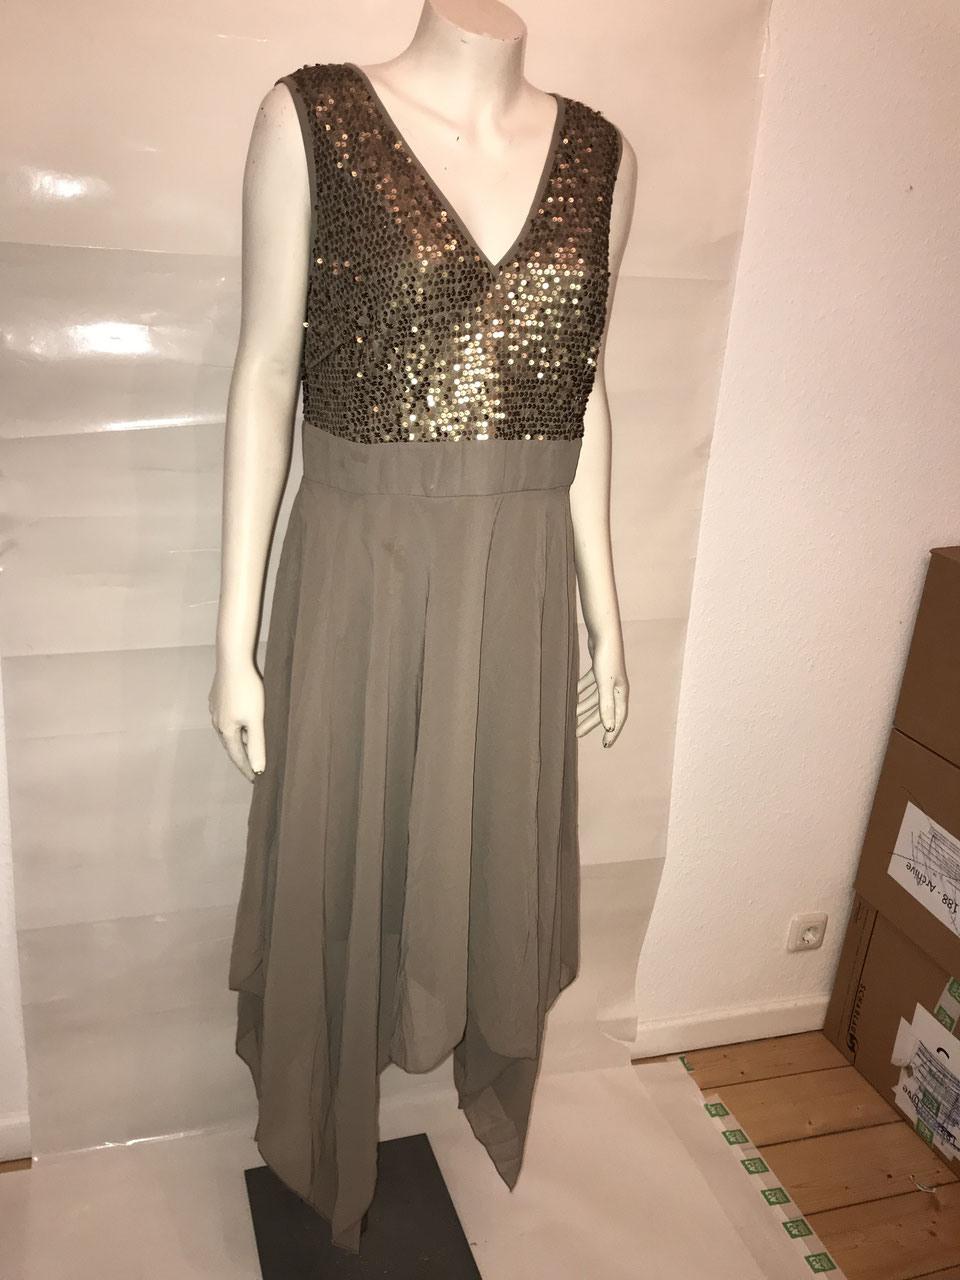 13 Top Abendkleider B-Ware SpezialgebietDesigner Schön Abendkleider B-Ware Stylish